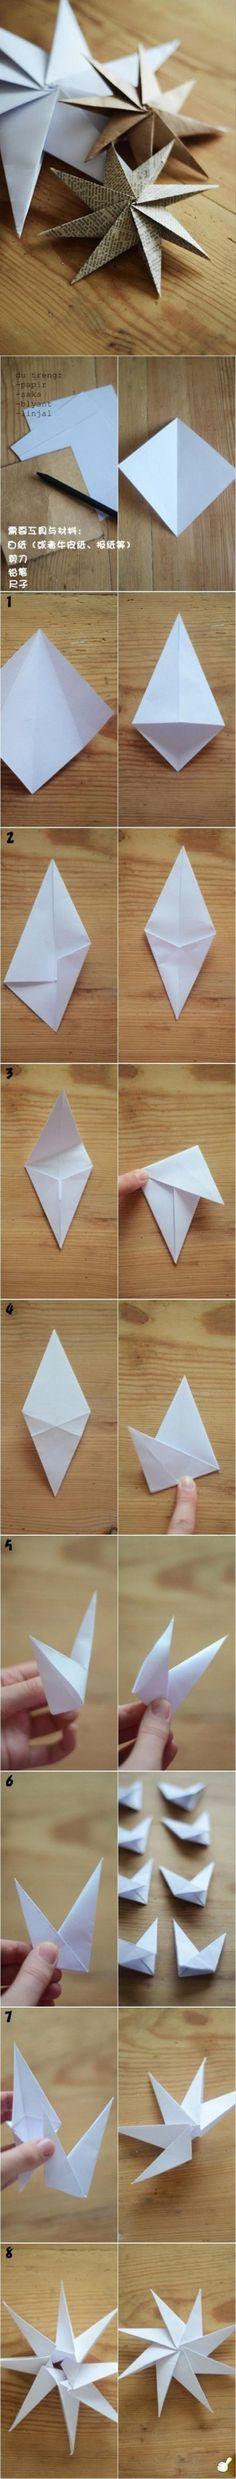 Estrellas origami